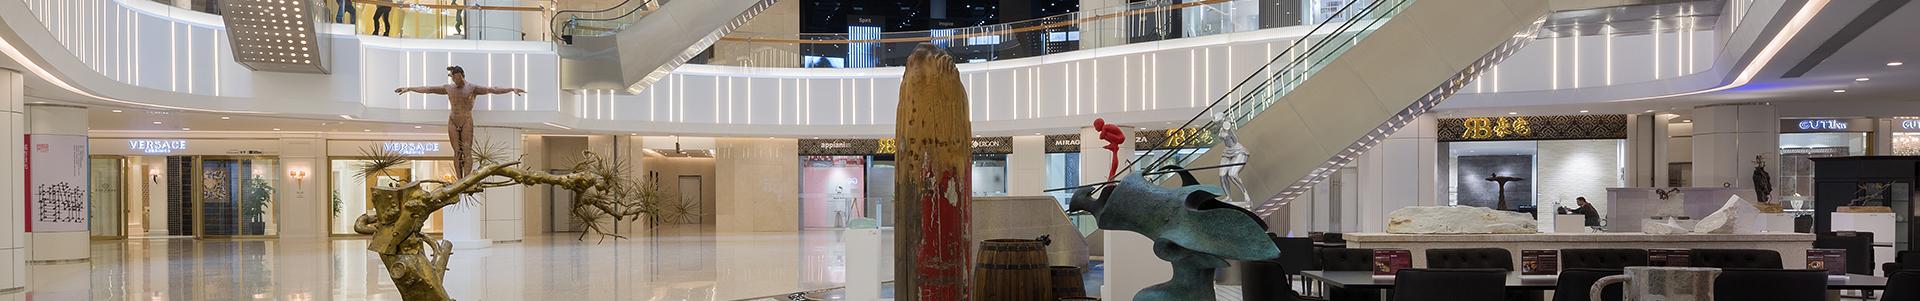 上海喜盈门国际建材品牌中心